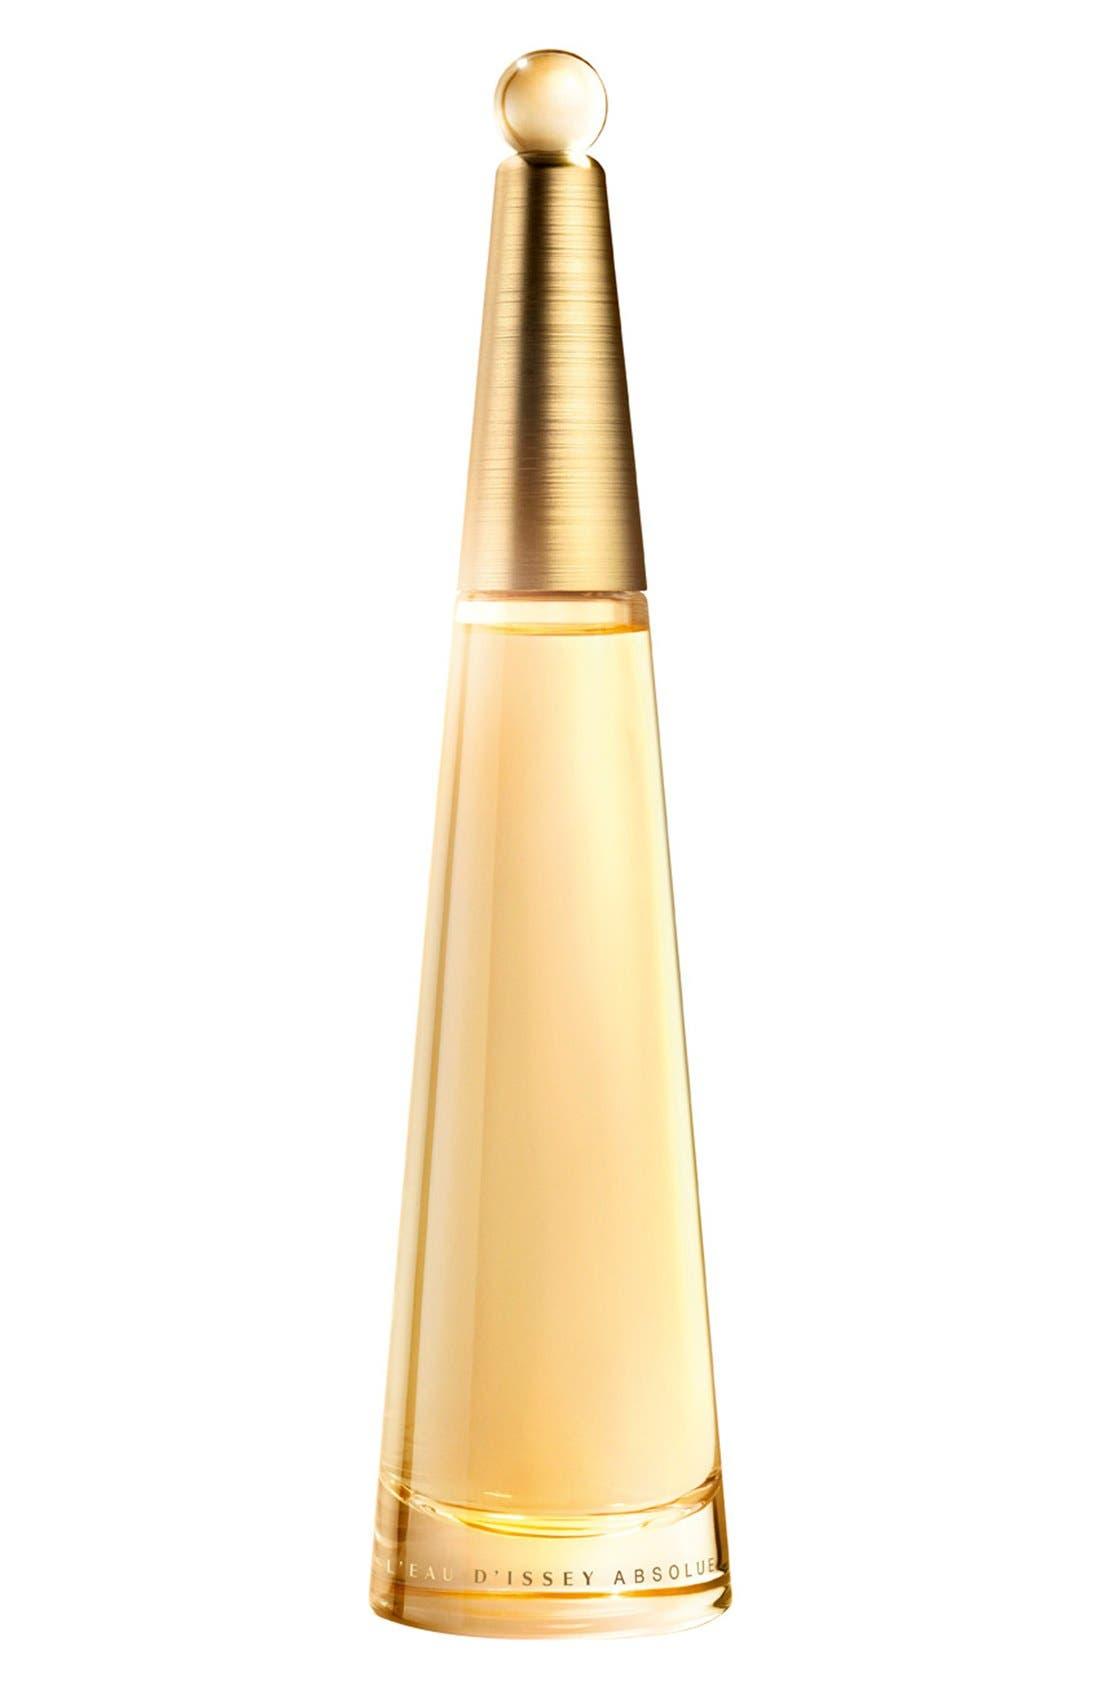 ISSEY MIYAKE,                             'L'Eau d'Issey Absolue' Eau de Parfum,                             Alternate thumbnail 2, color,                             000